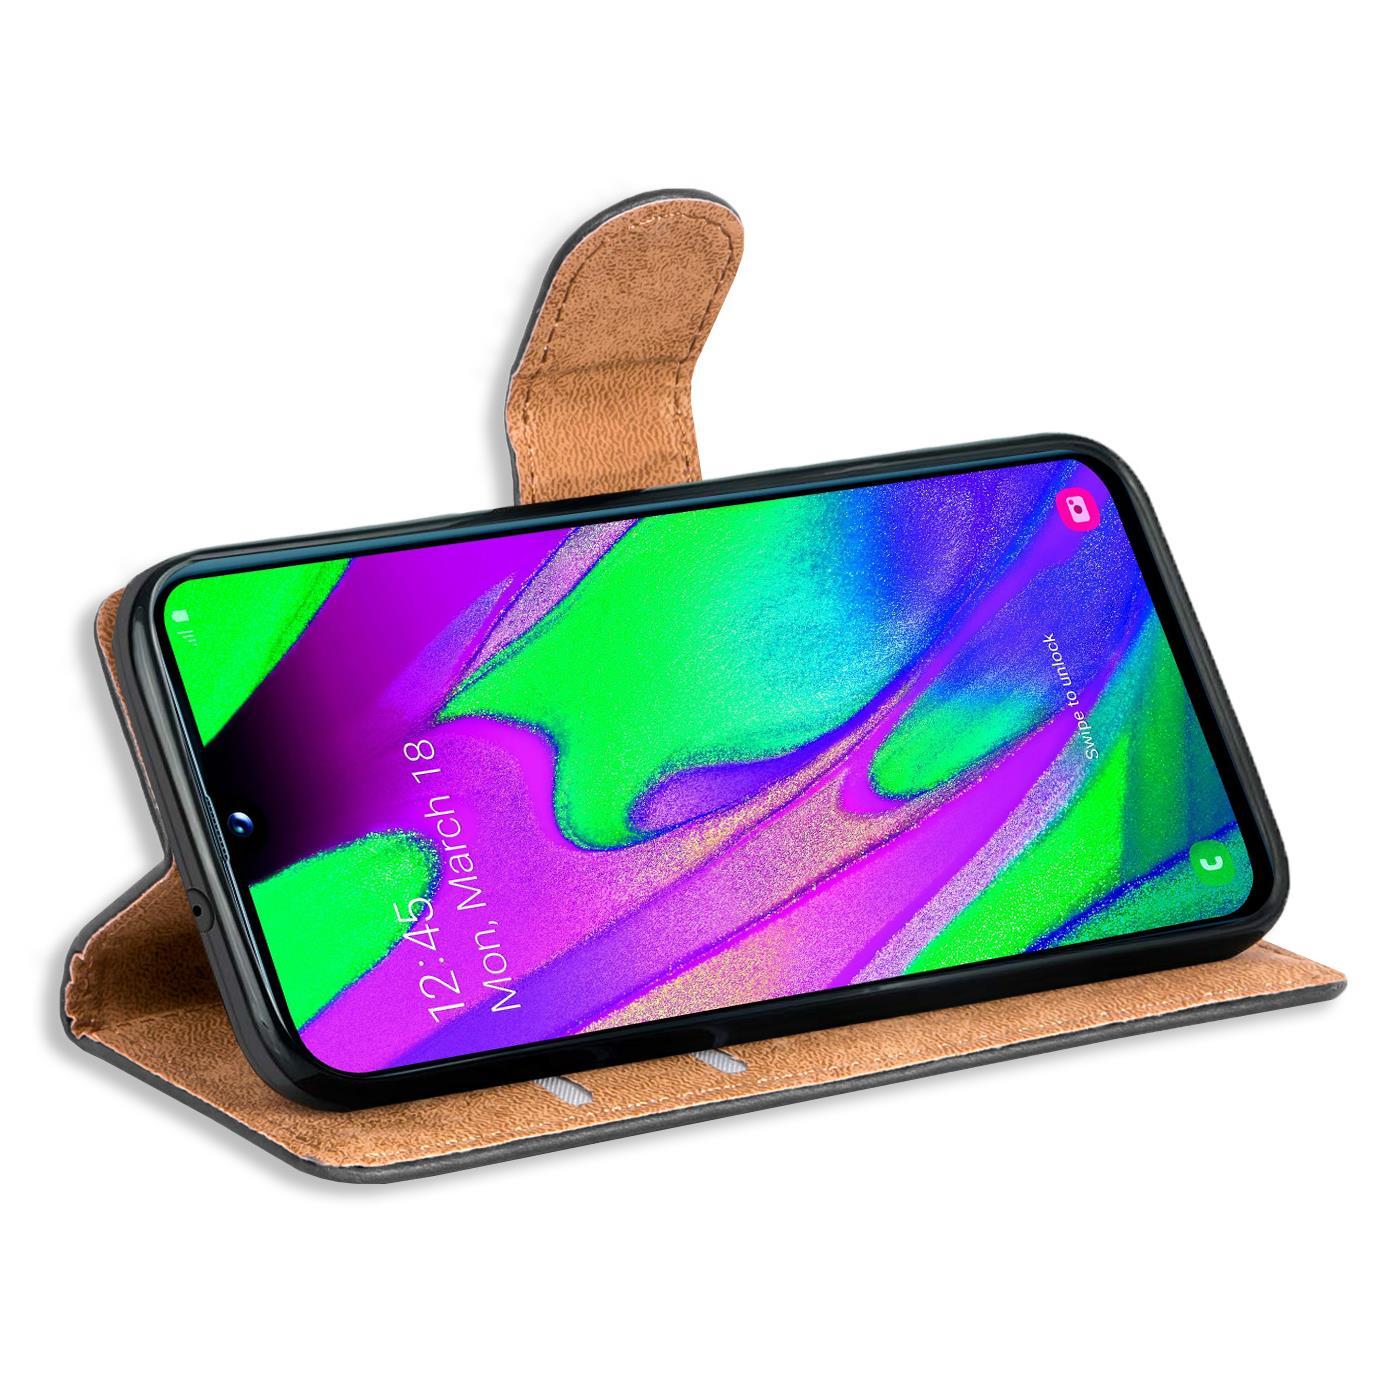 Schutz-Huelle-Samsung-Galaxy-A40-Handy-Klapp-Tasche-Book-Flip-Case-Schutzhuelle Indexbild 22